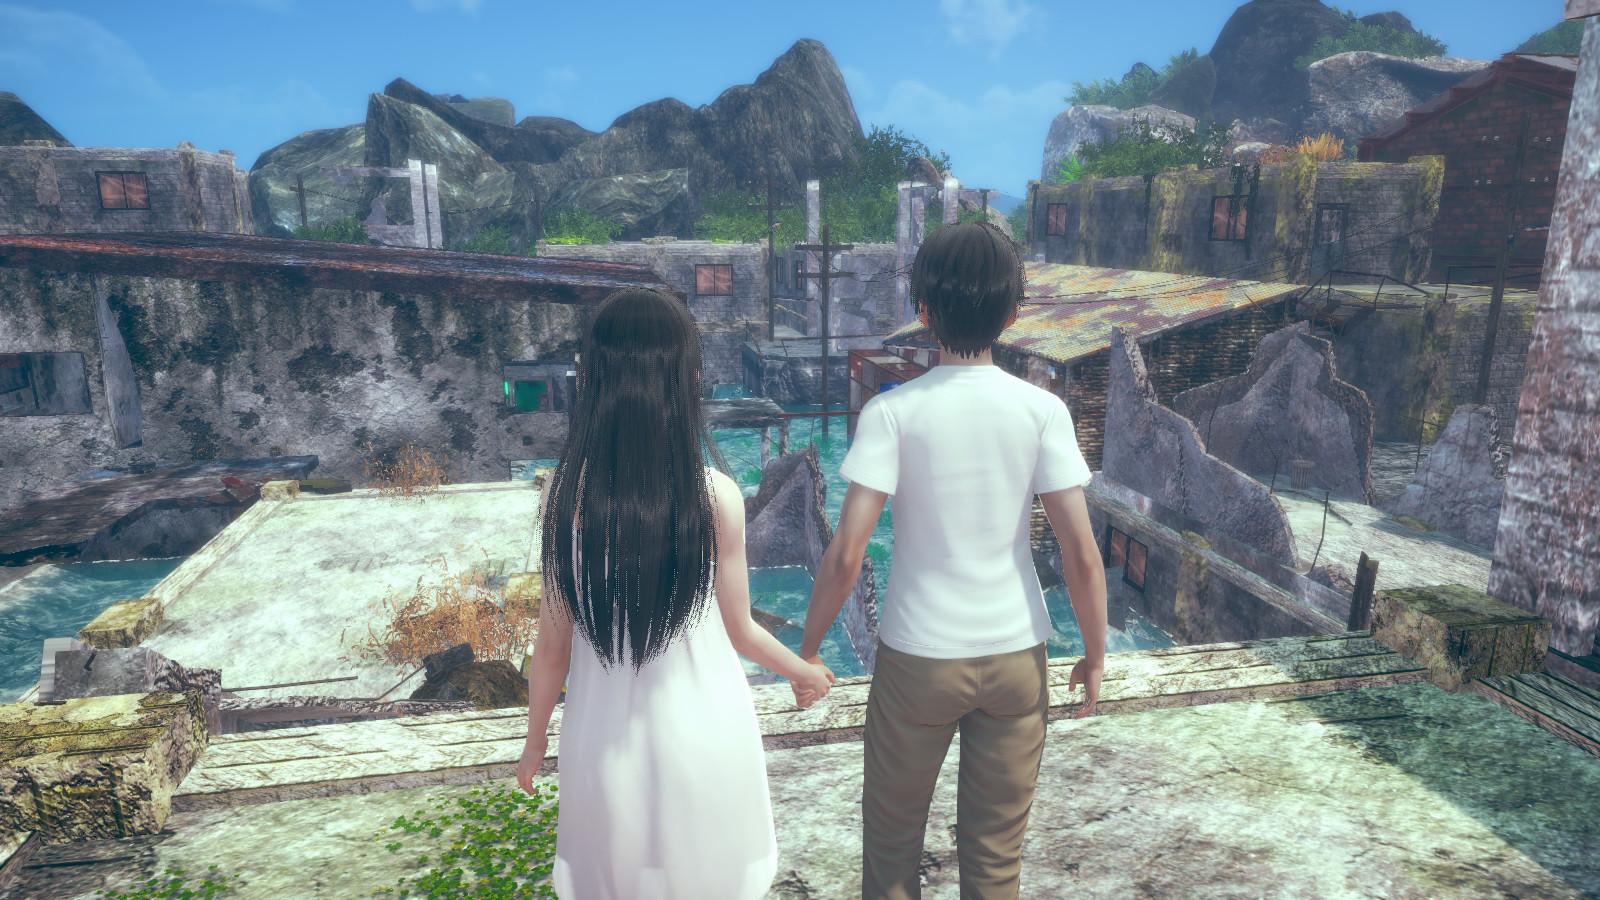 18禁遊戲《AI*少女》Steam即將上架!想啪啪妹子得先蓋房子!